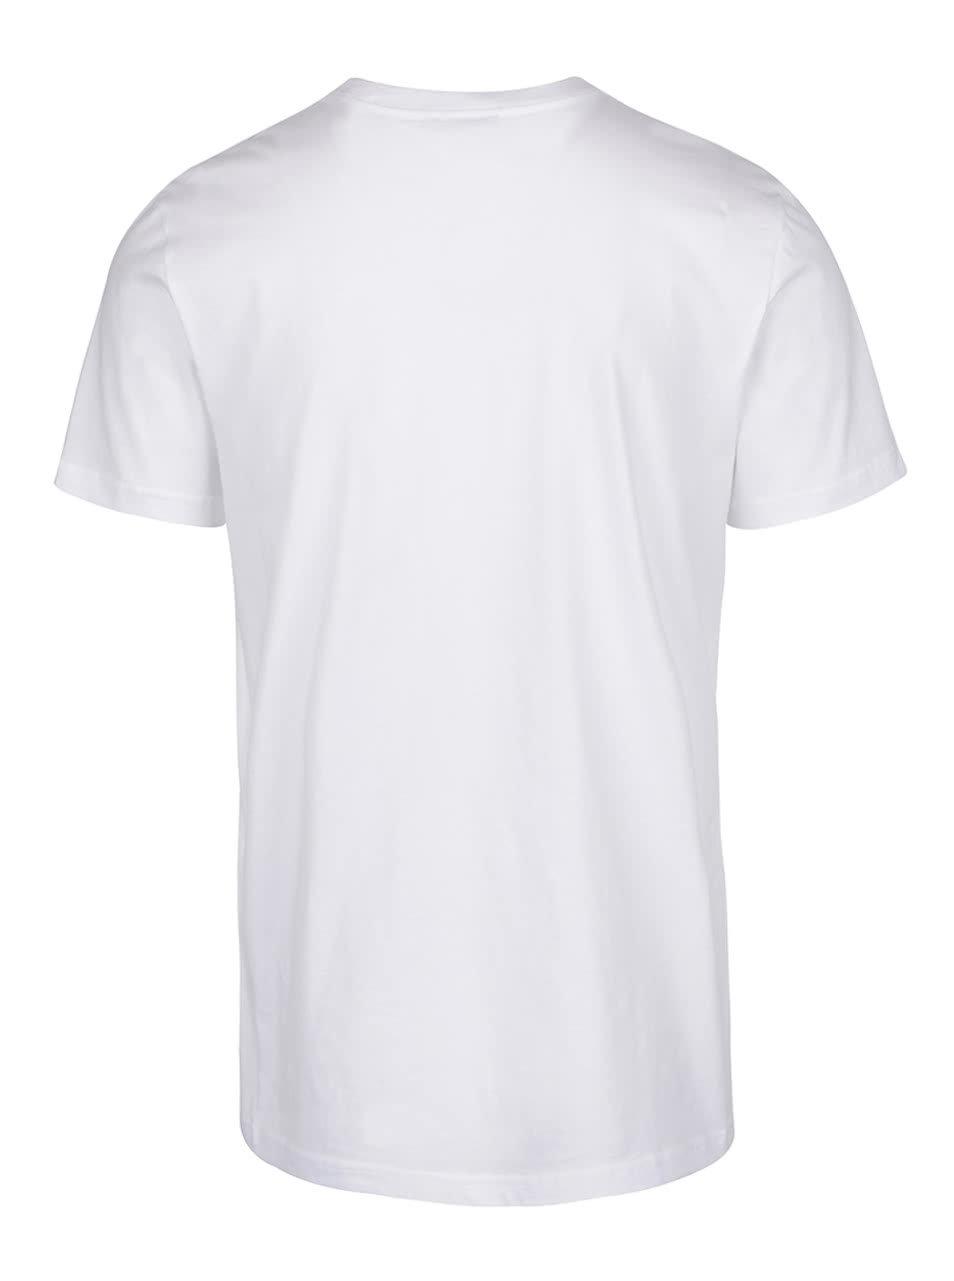 Biele pánske tričko s potlačou adidas Originals Editorial Tongu ... a0c4cb3393e